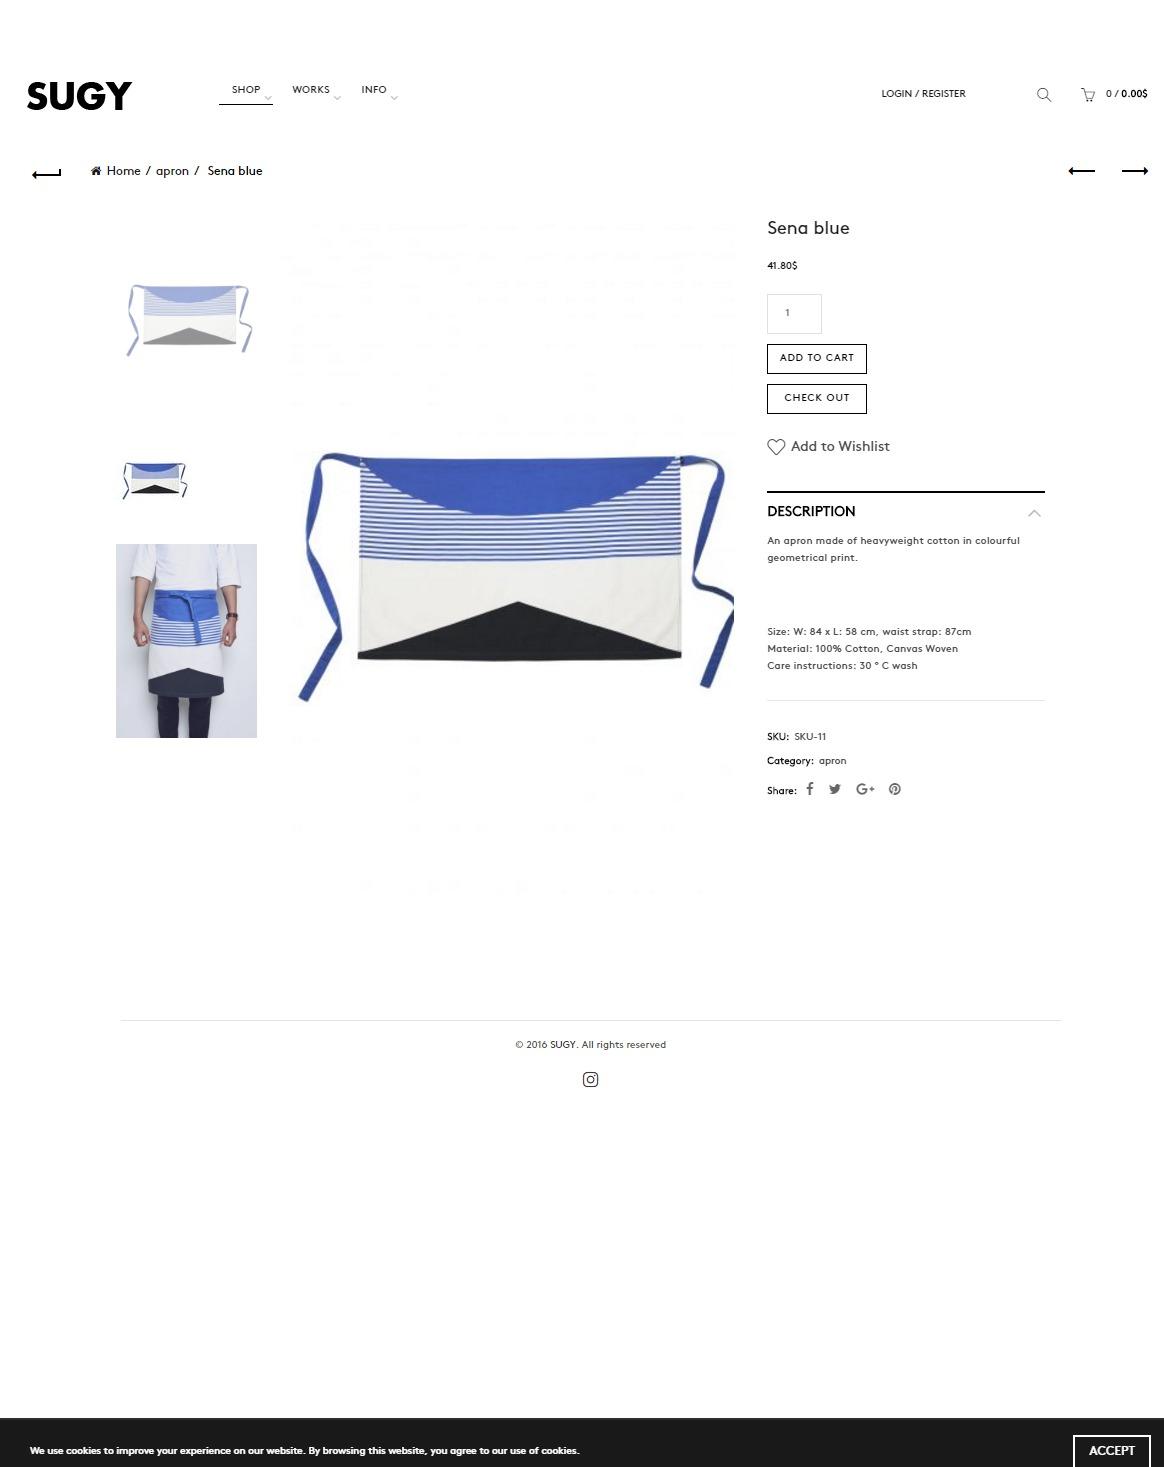 sena-blue-sugy